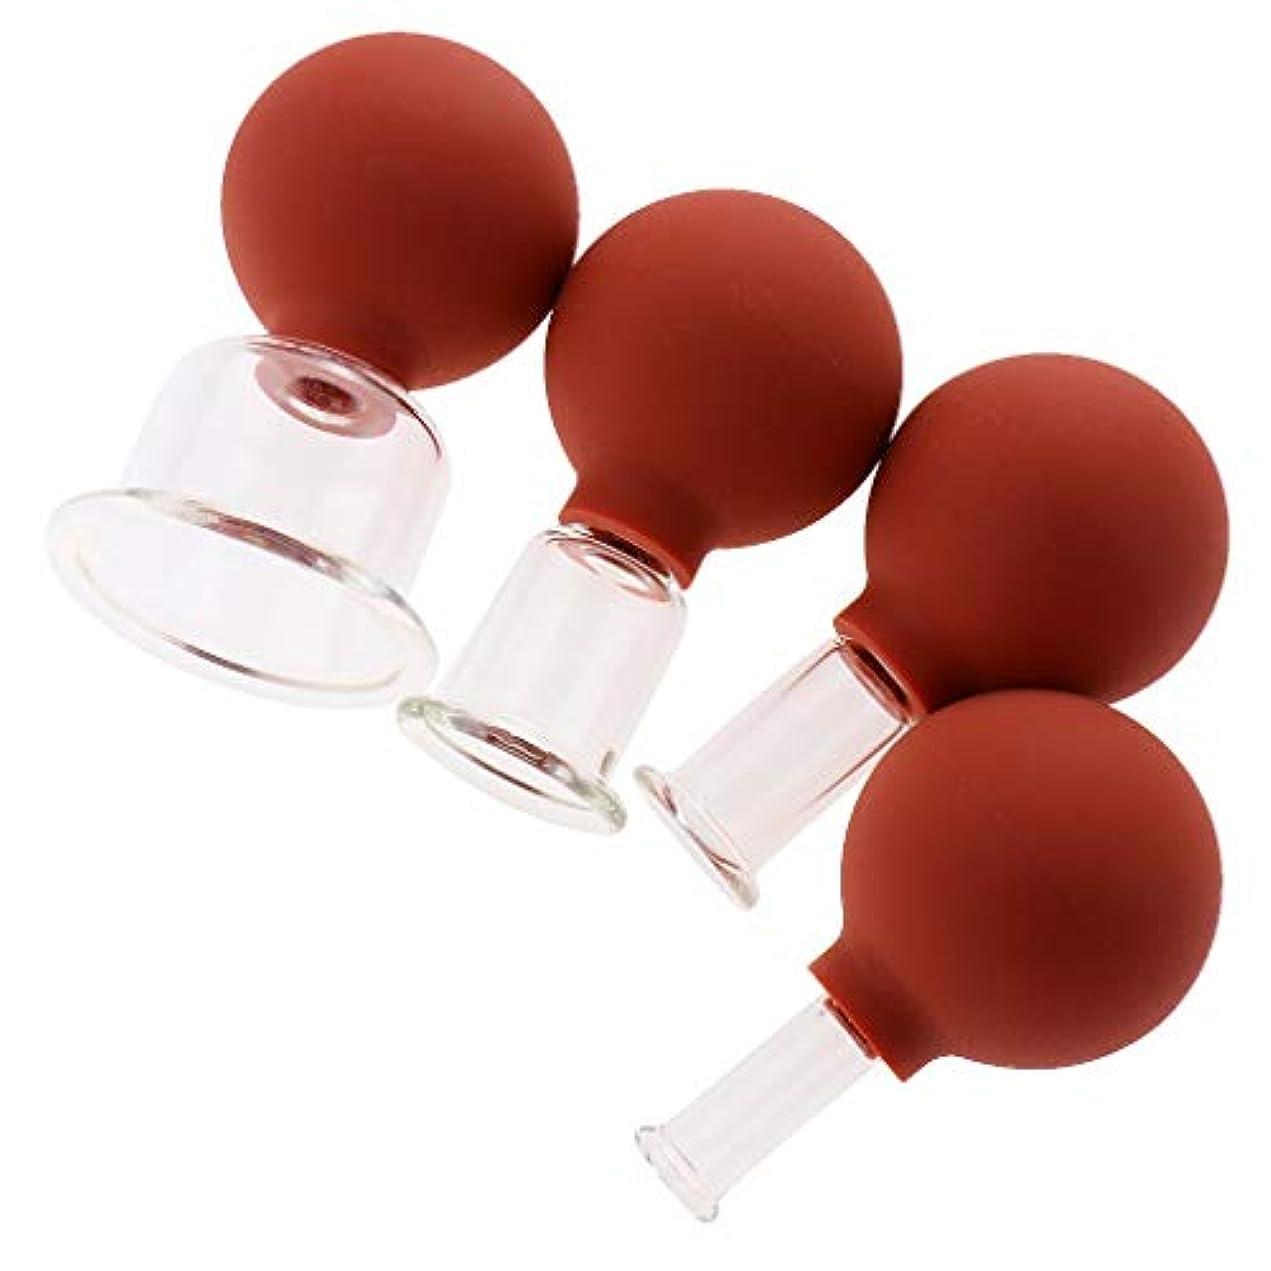 三角形に対応メーターCUTICATE 全3色 マッサージカップ ガラスカッピング 吸い玉 マッサージ カッピングセット 4個入 - 赤茶色